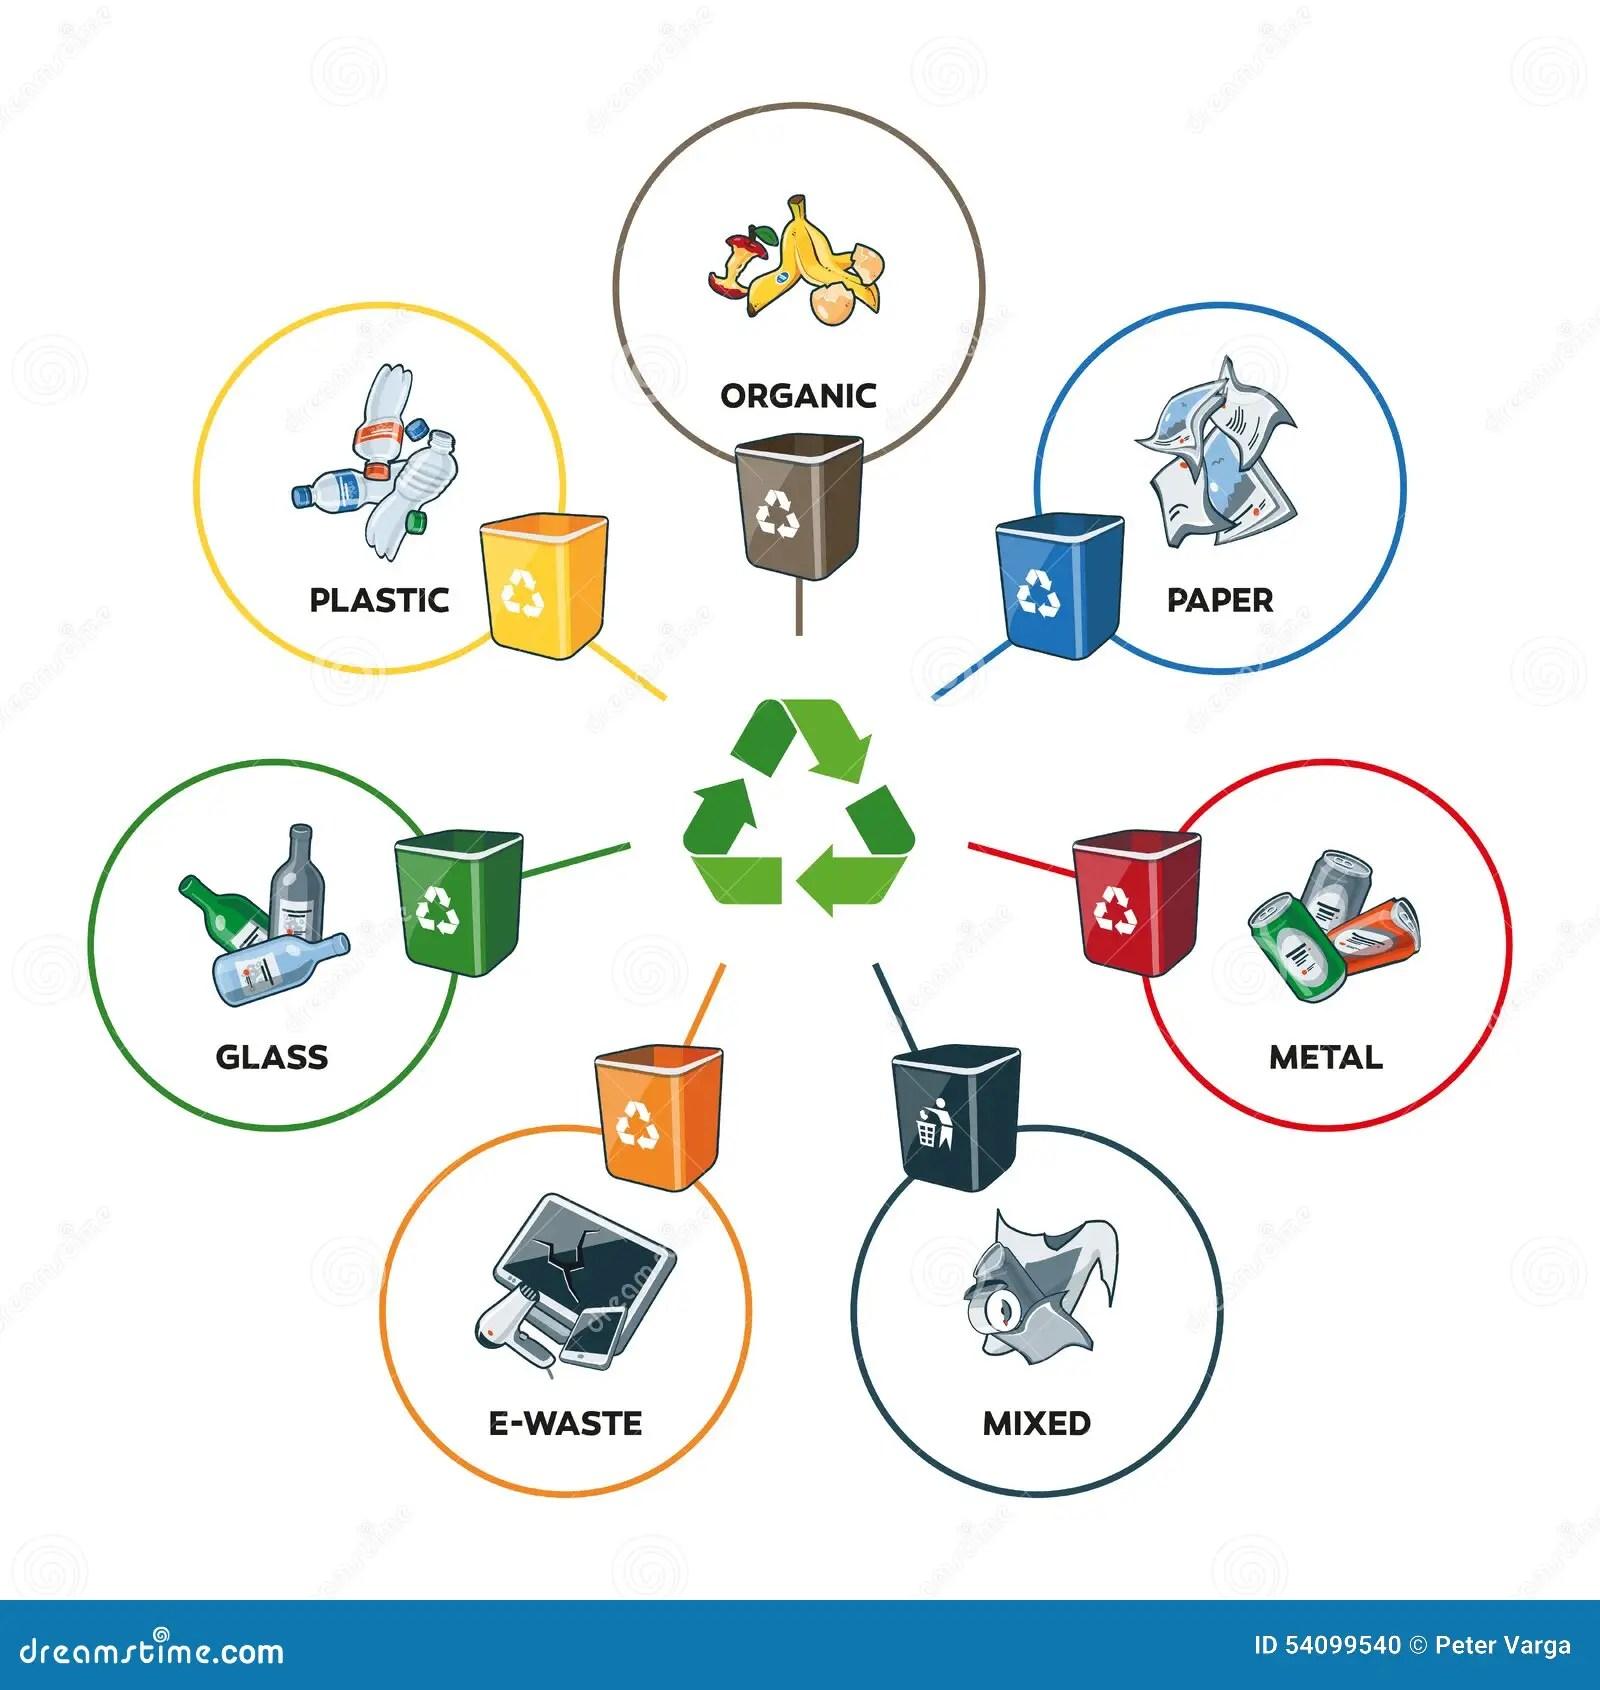 Afvalcategorieen Met Het Recycling Van Bakken Vector